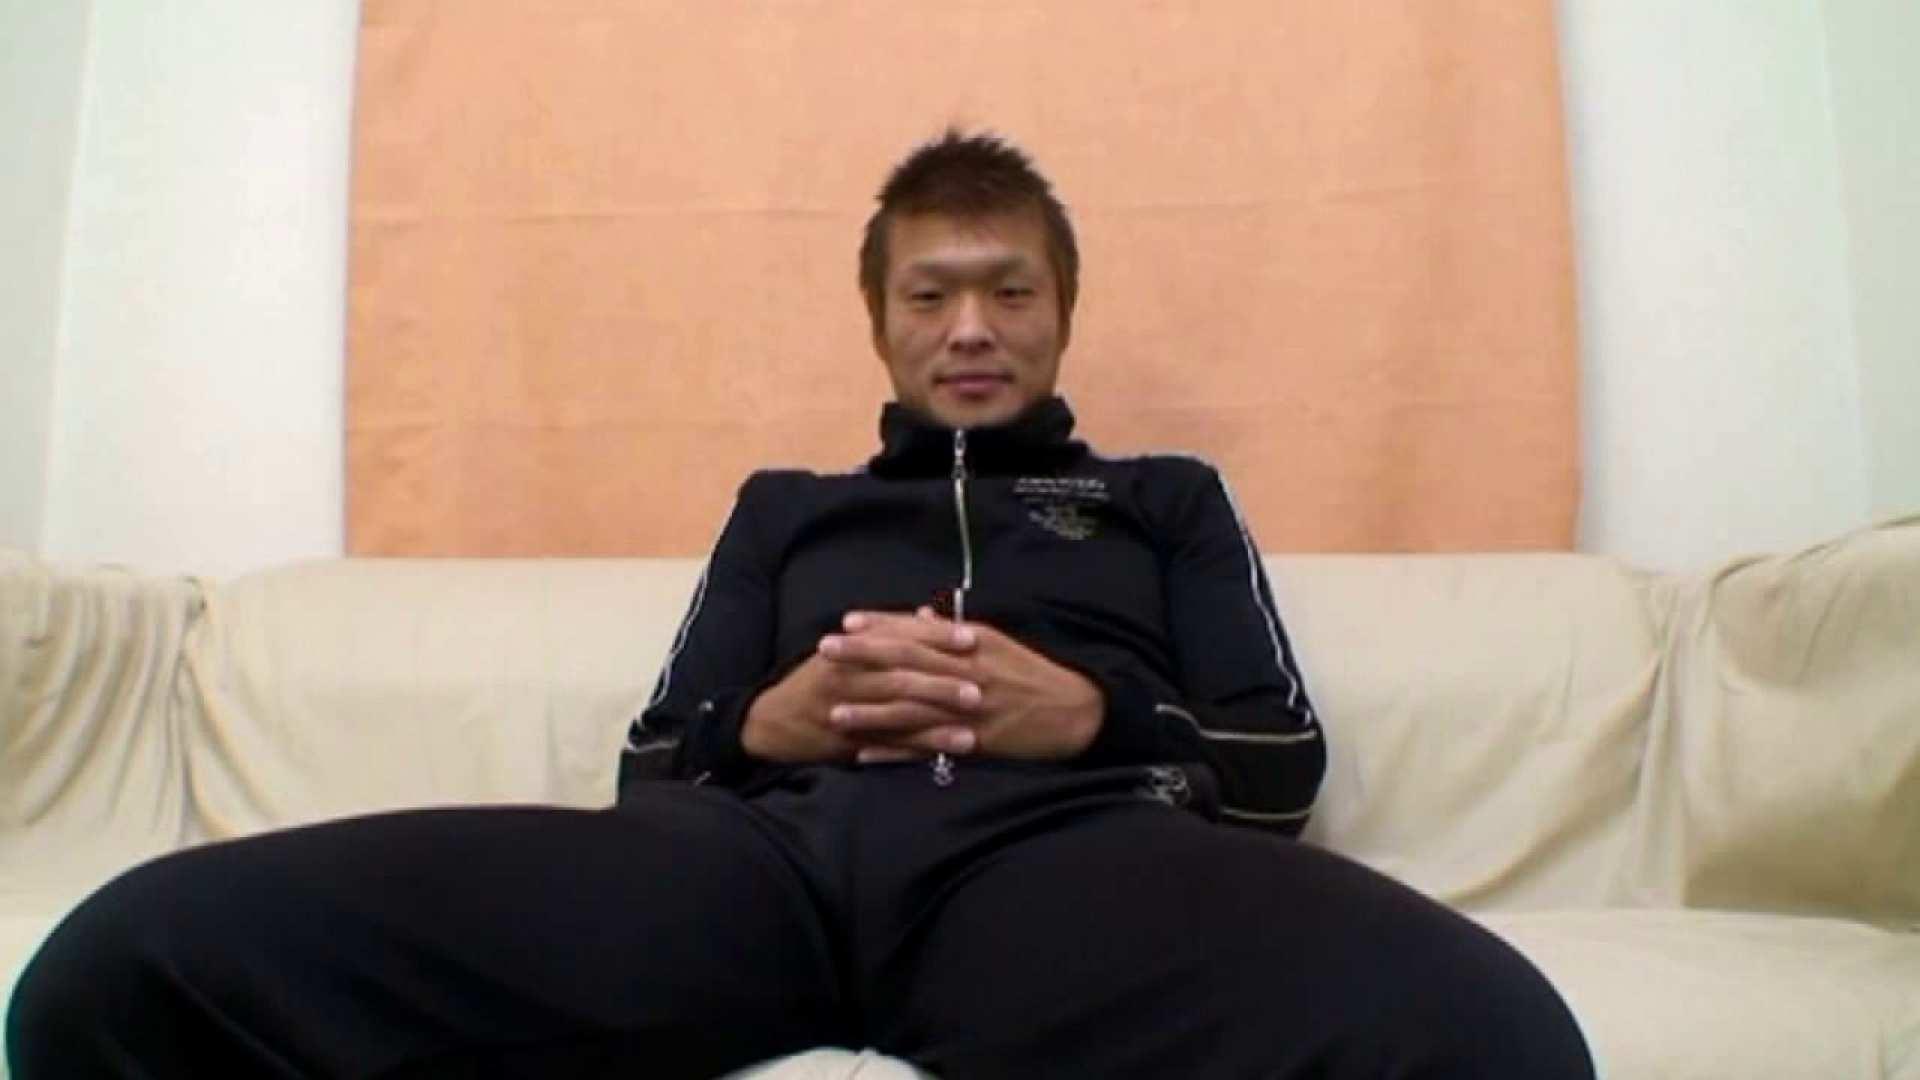 ノンケ!自慰スタジオ No.31 ゲイの自慰 ゲイ丸見え画像 102pic 41